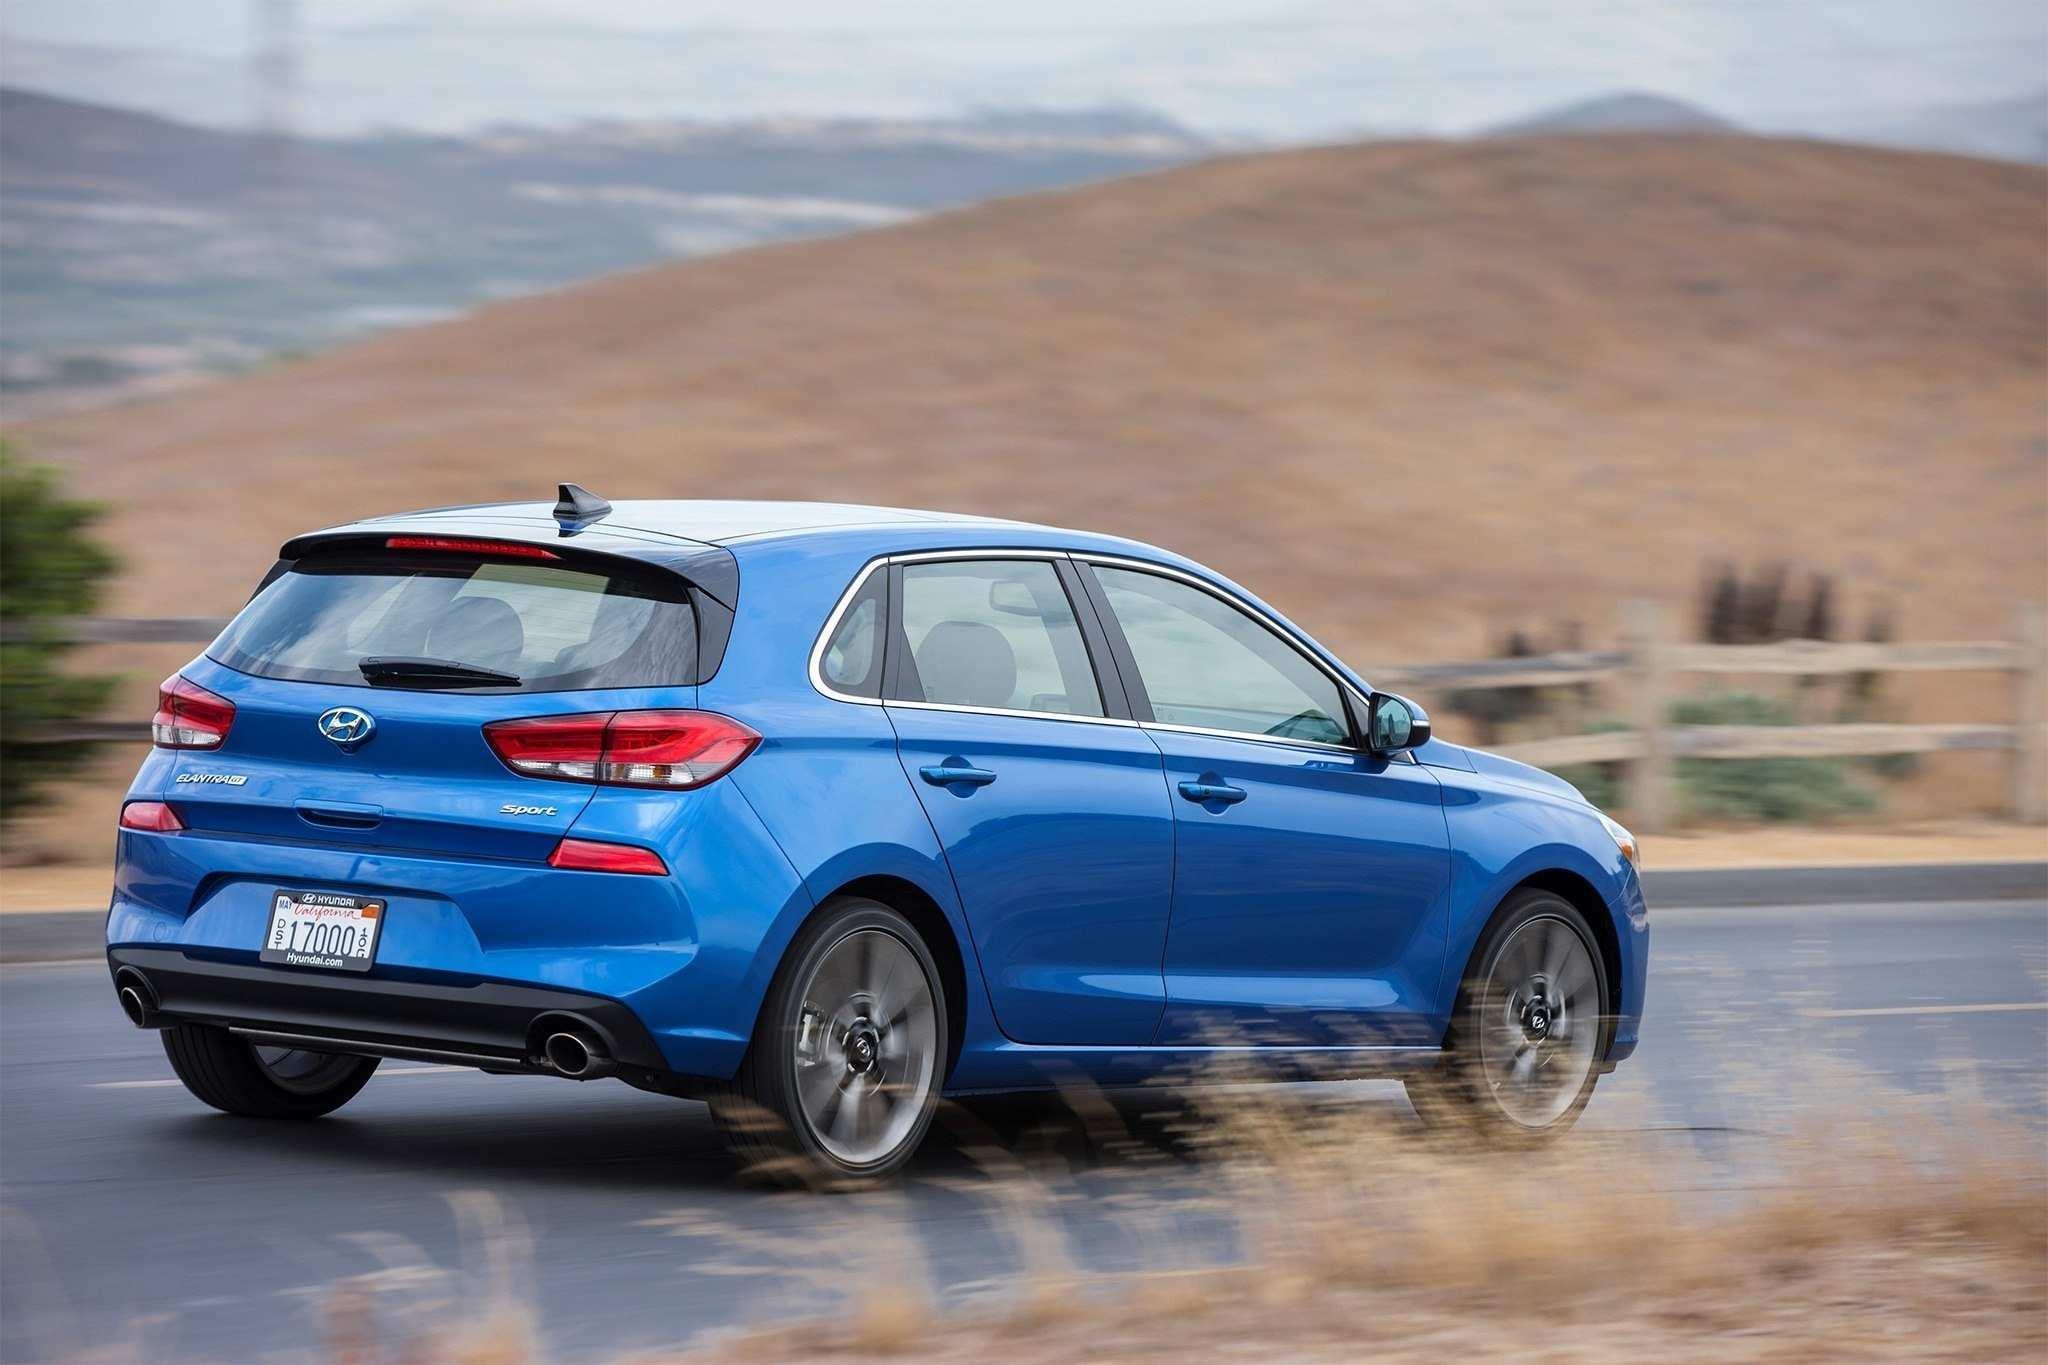 2020 Hyundai Elantra Gt Sport Review.78 The 2020 Hyundai Elantra Gt Performance And New Engine